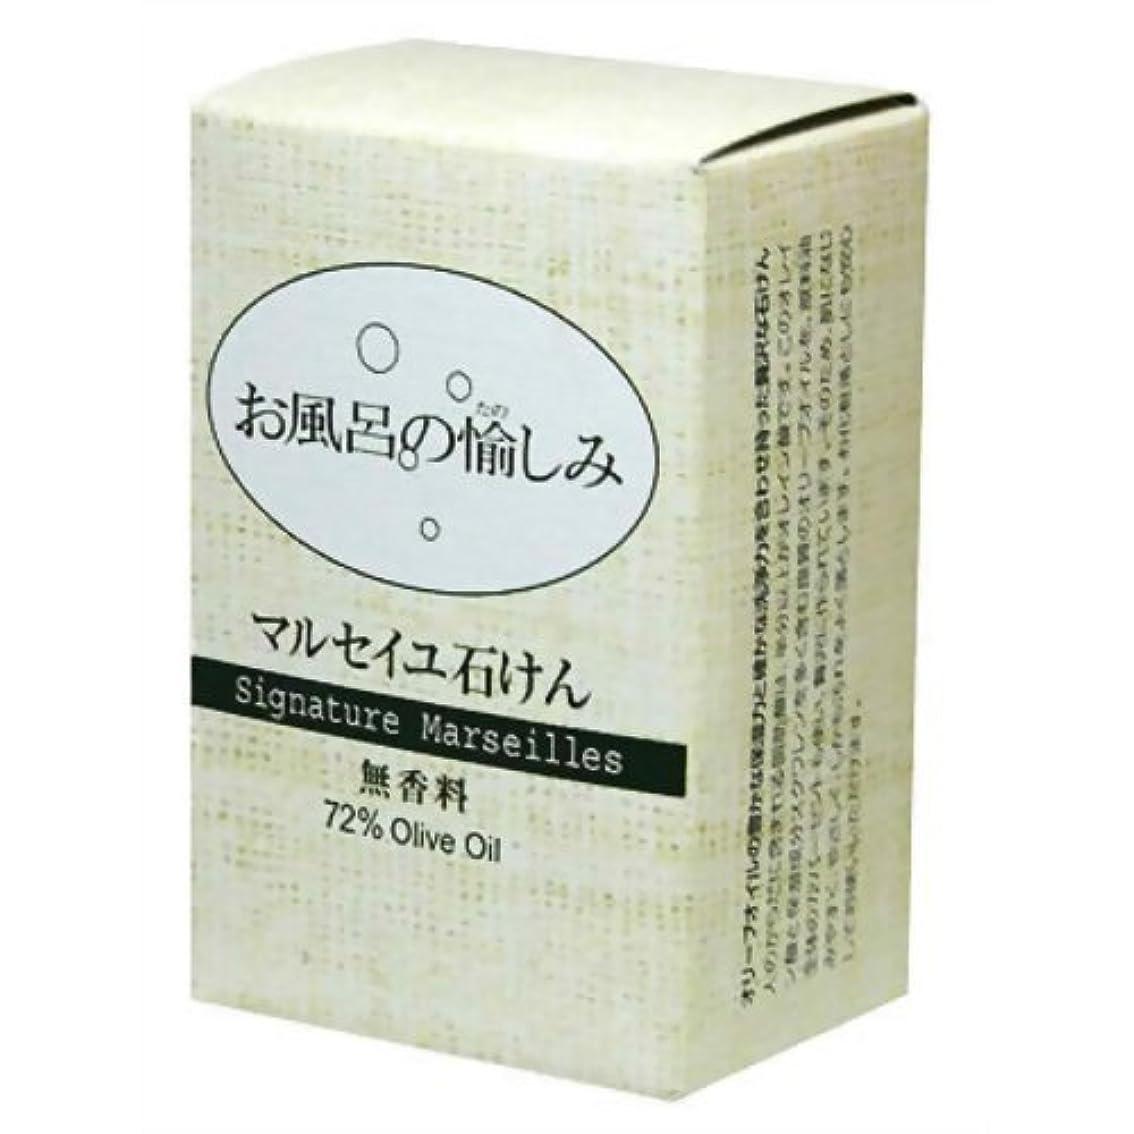 含める仕立て屋限界お風呂の愉しみ マルセイユ石鹸 (無香料)